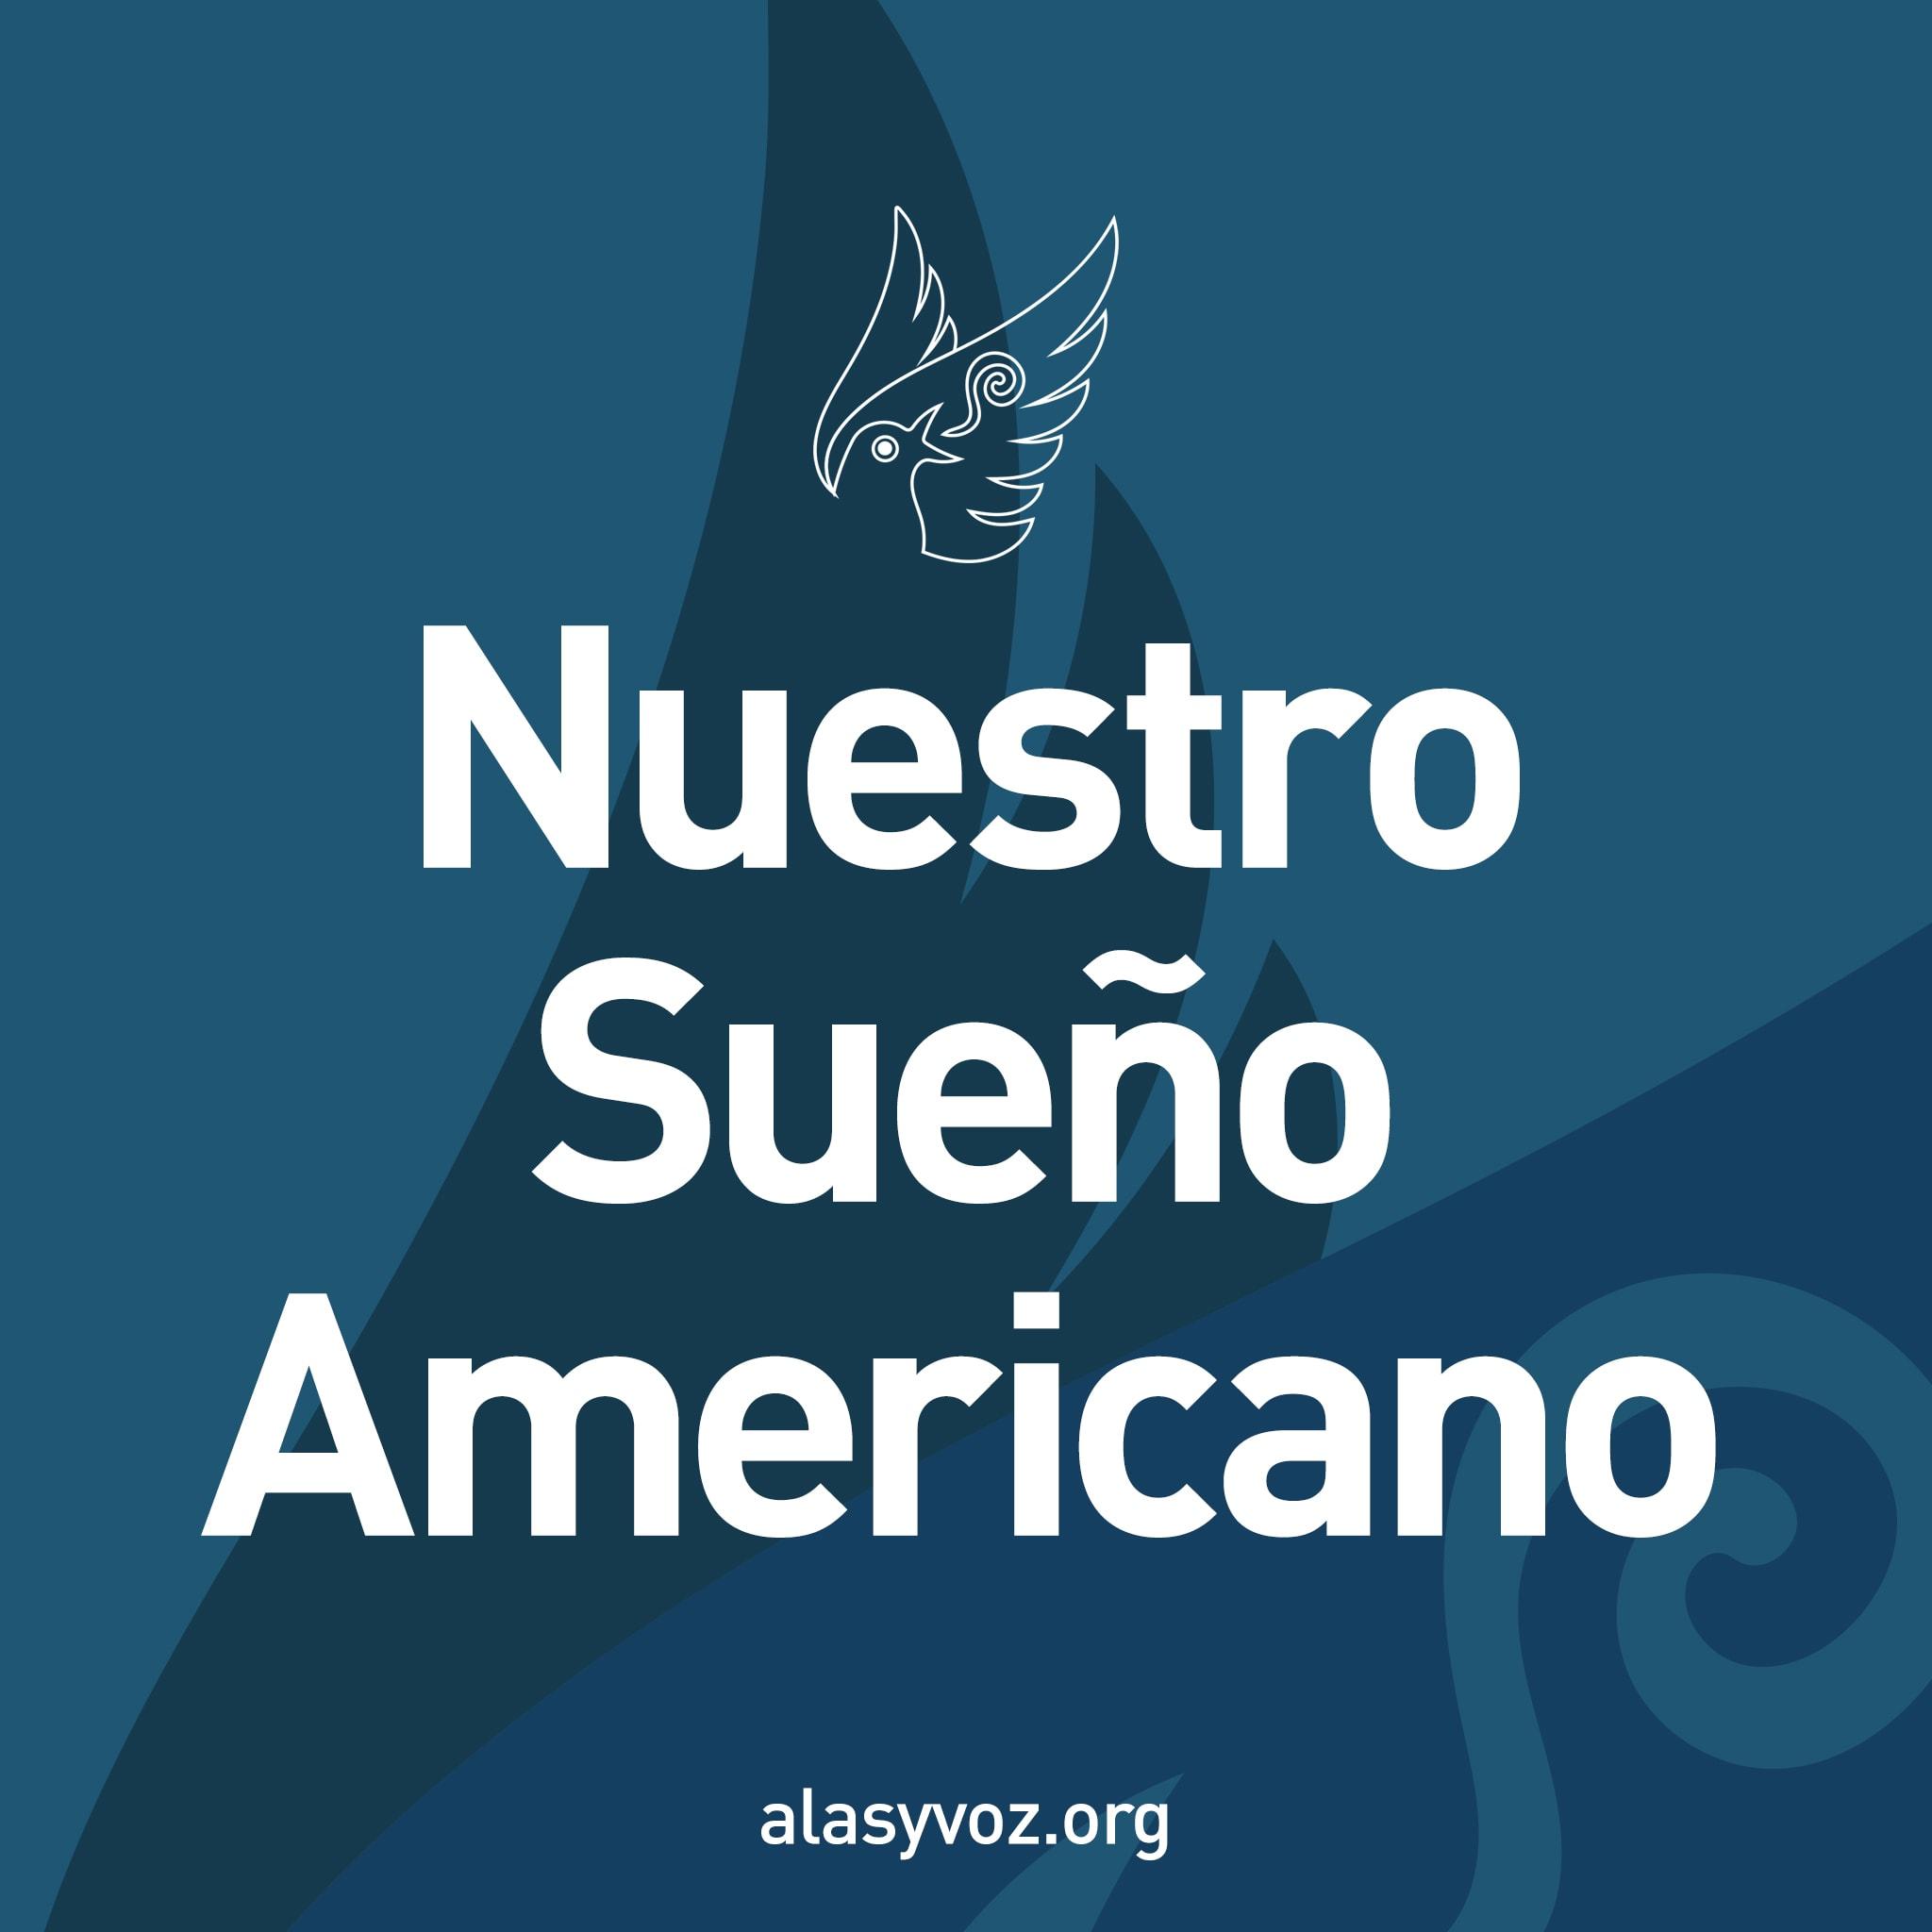 nuestro sueno americano